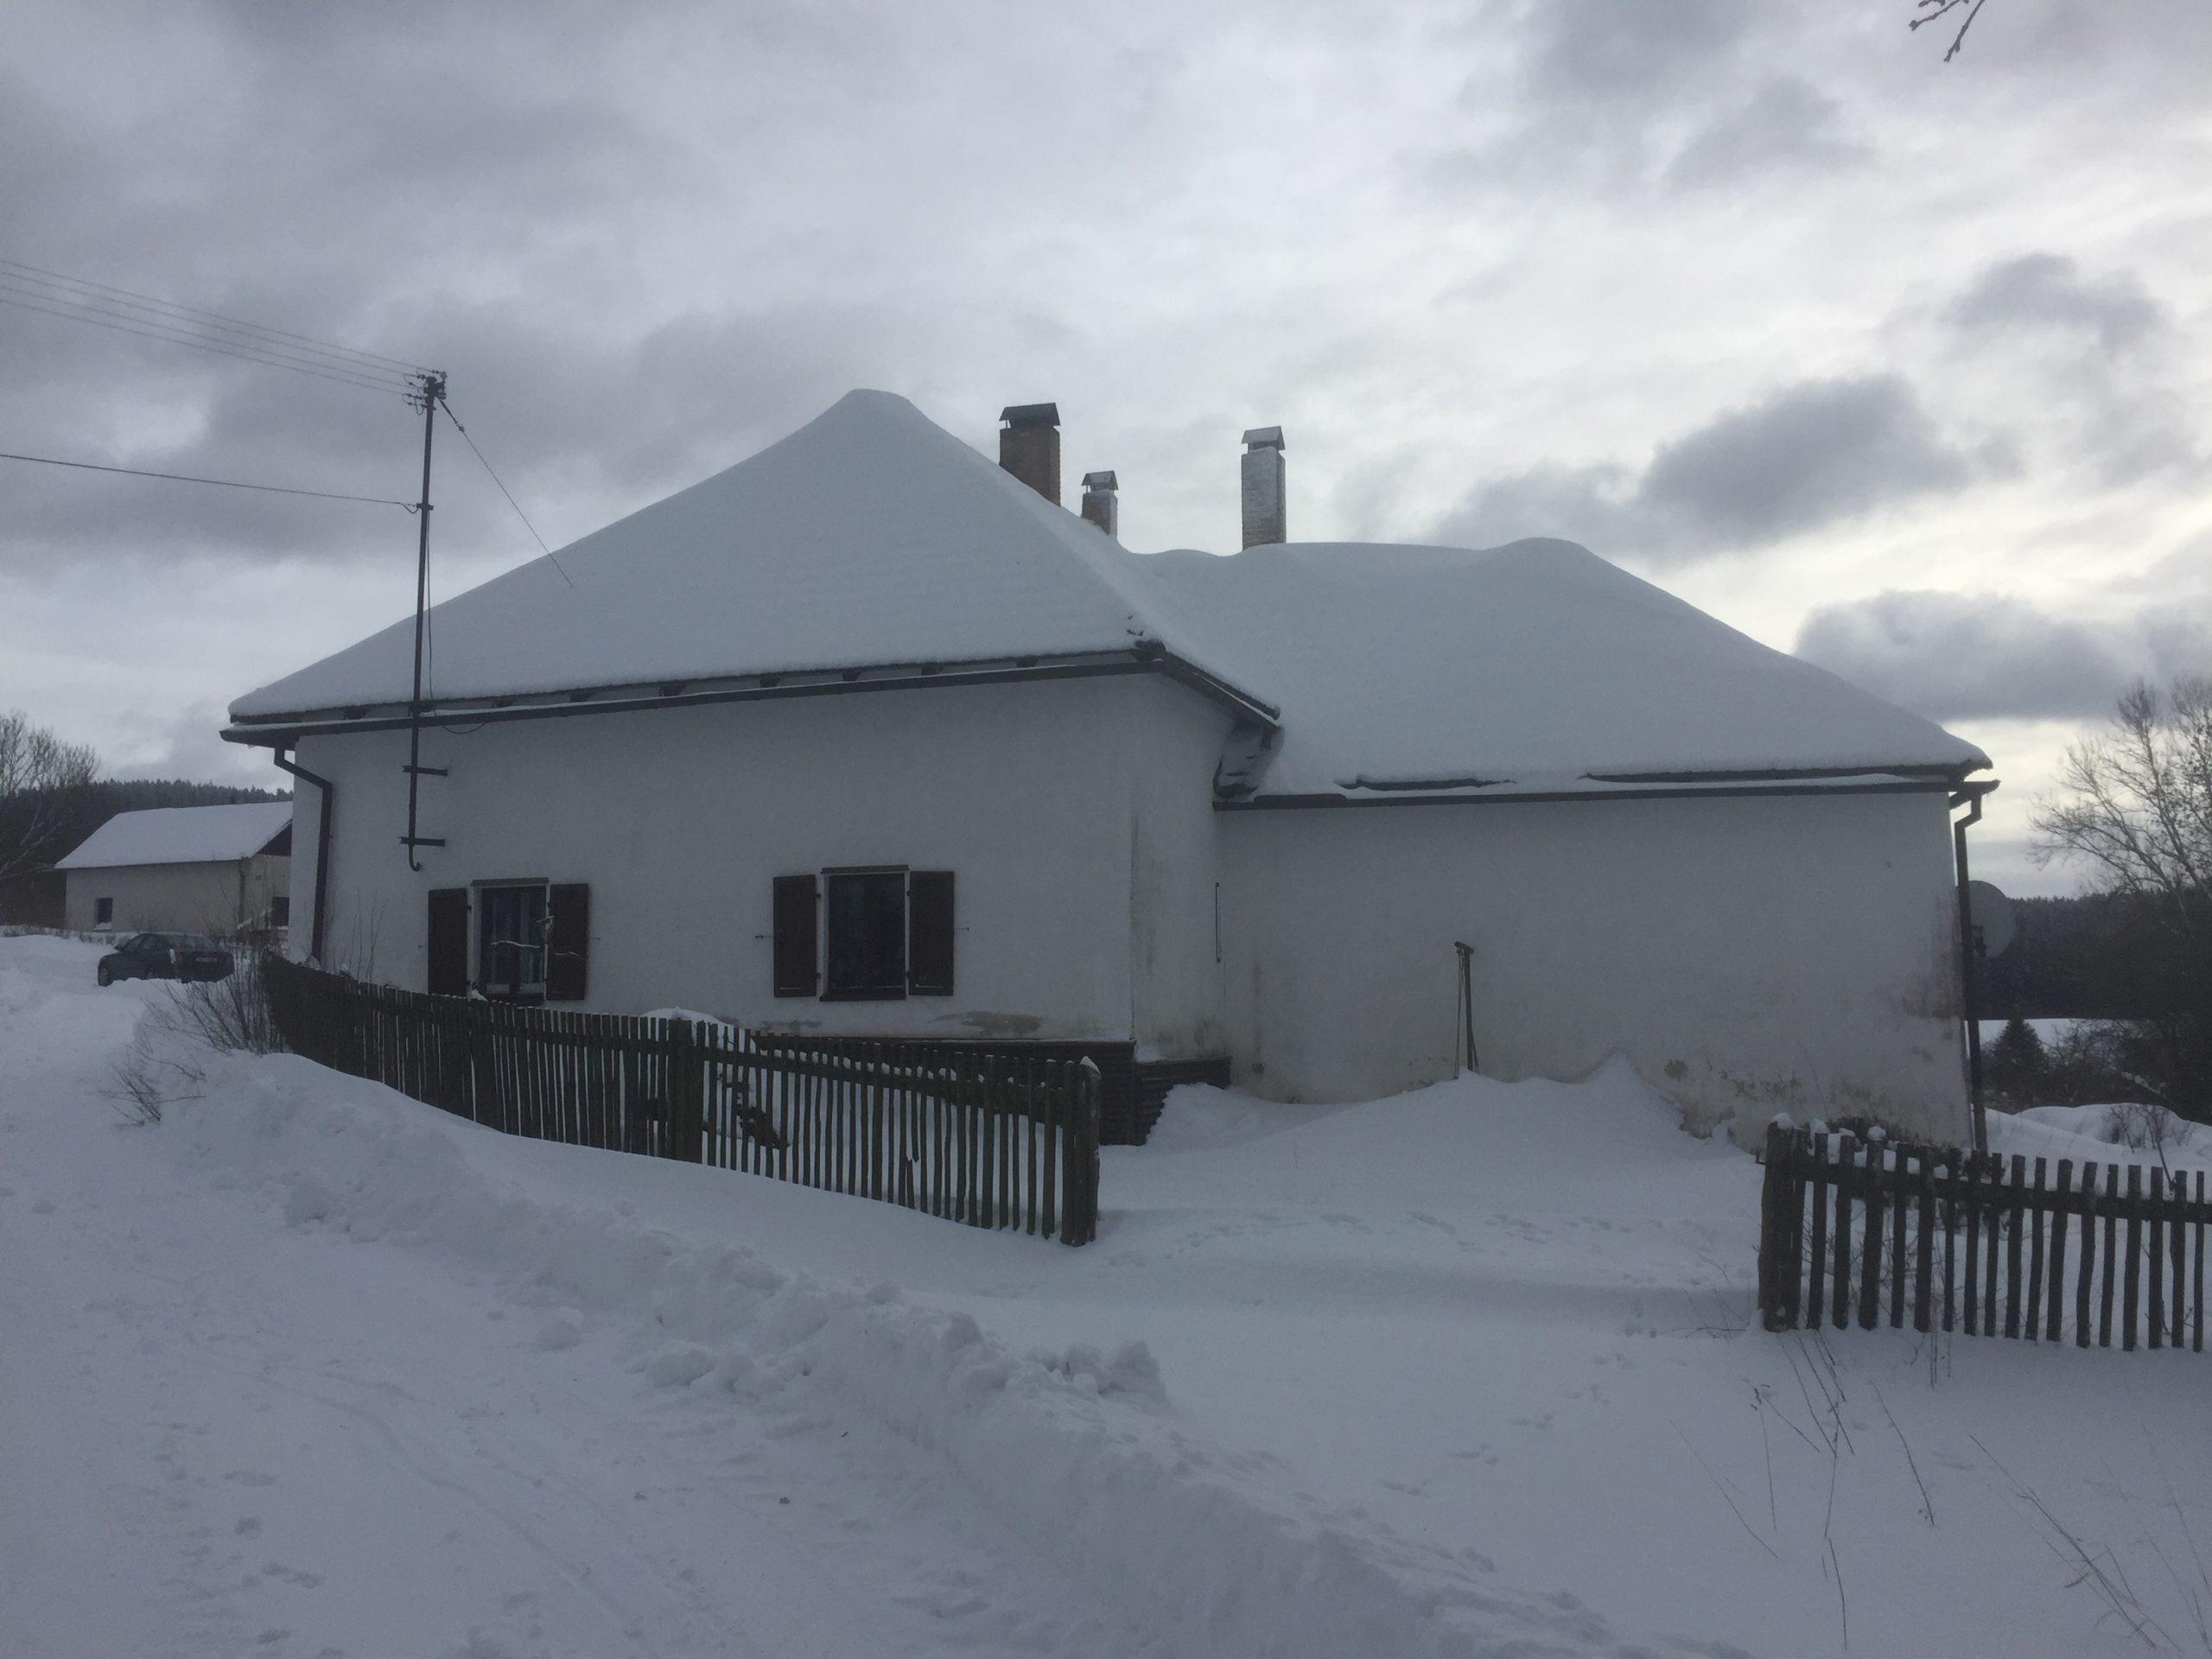 19.12.2019 Aukce nemovitosti (Rodinný dům). Vyvolávací cena 950.000 Kč, ➡️ ID668390